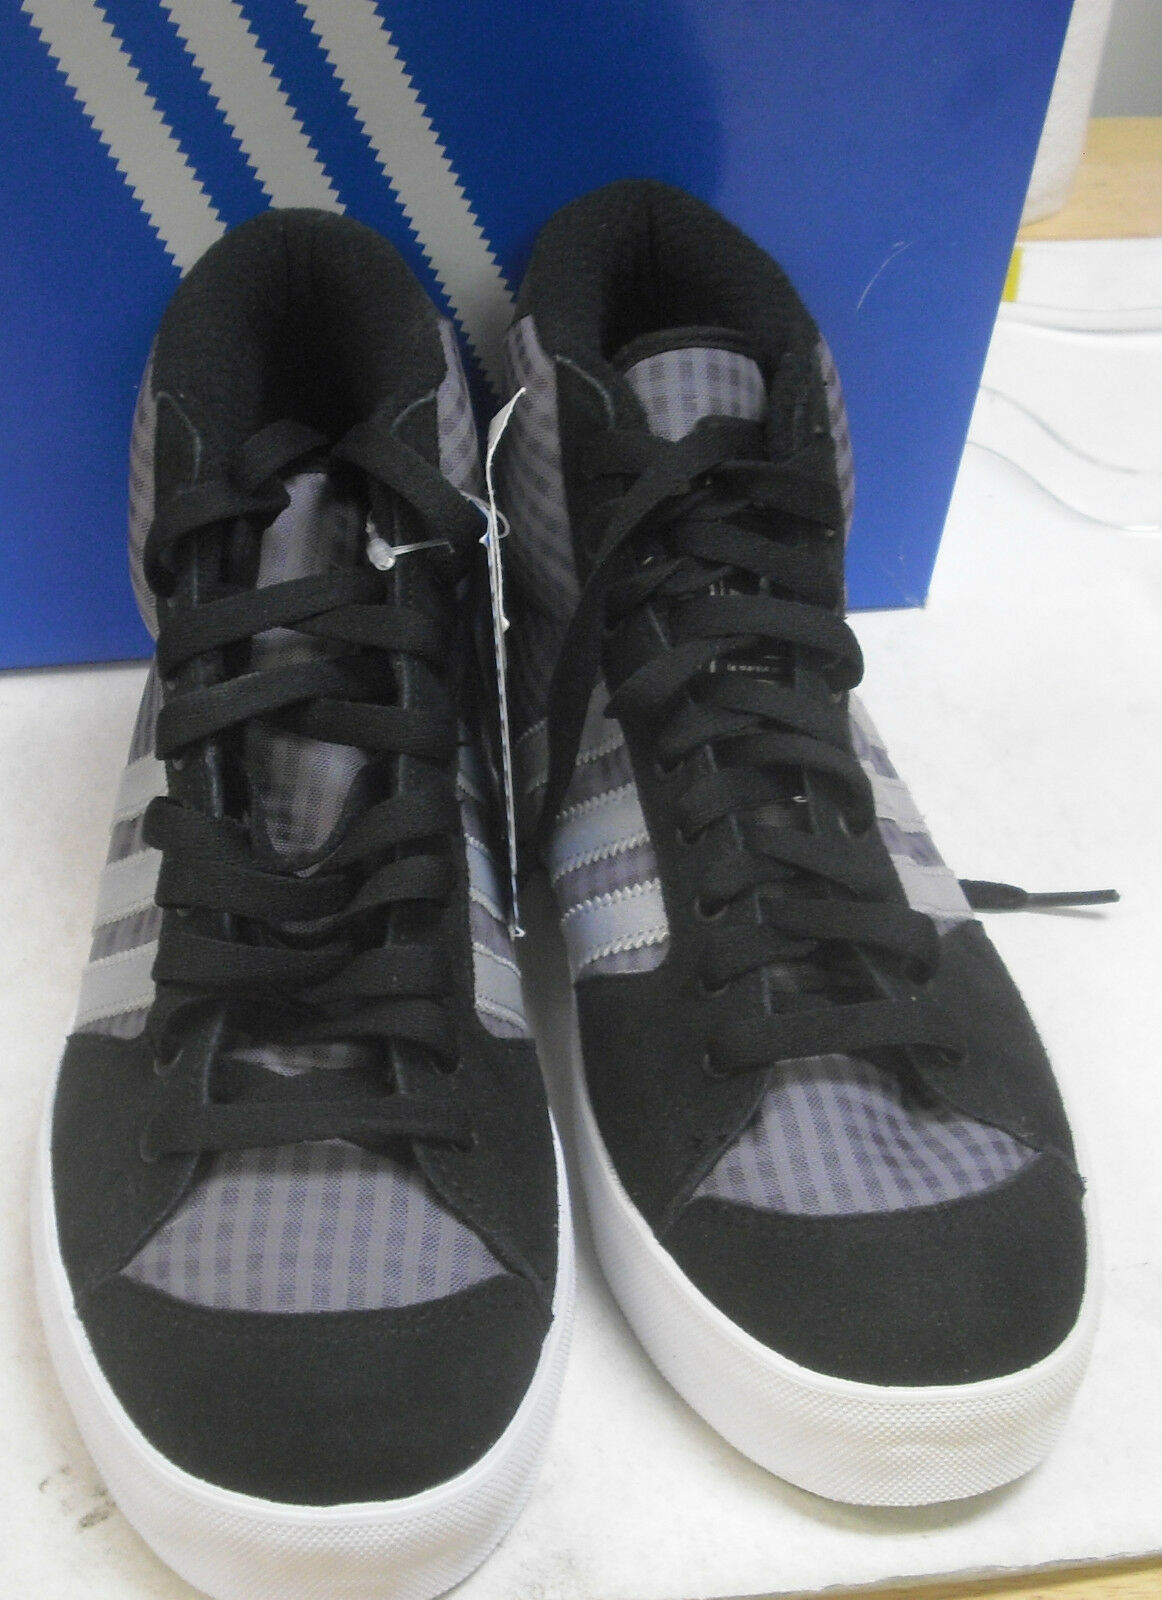 adidas originals - g00202 dakota blk / wht / eisen - originals mens größe 8 0be7f8